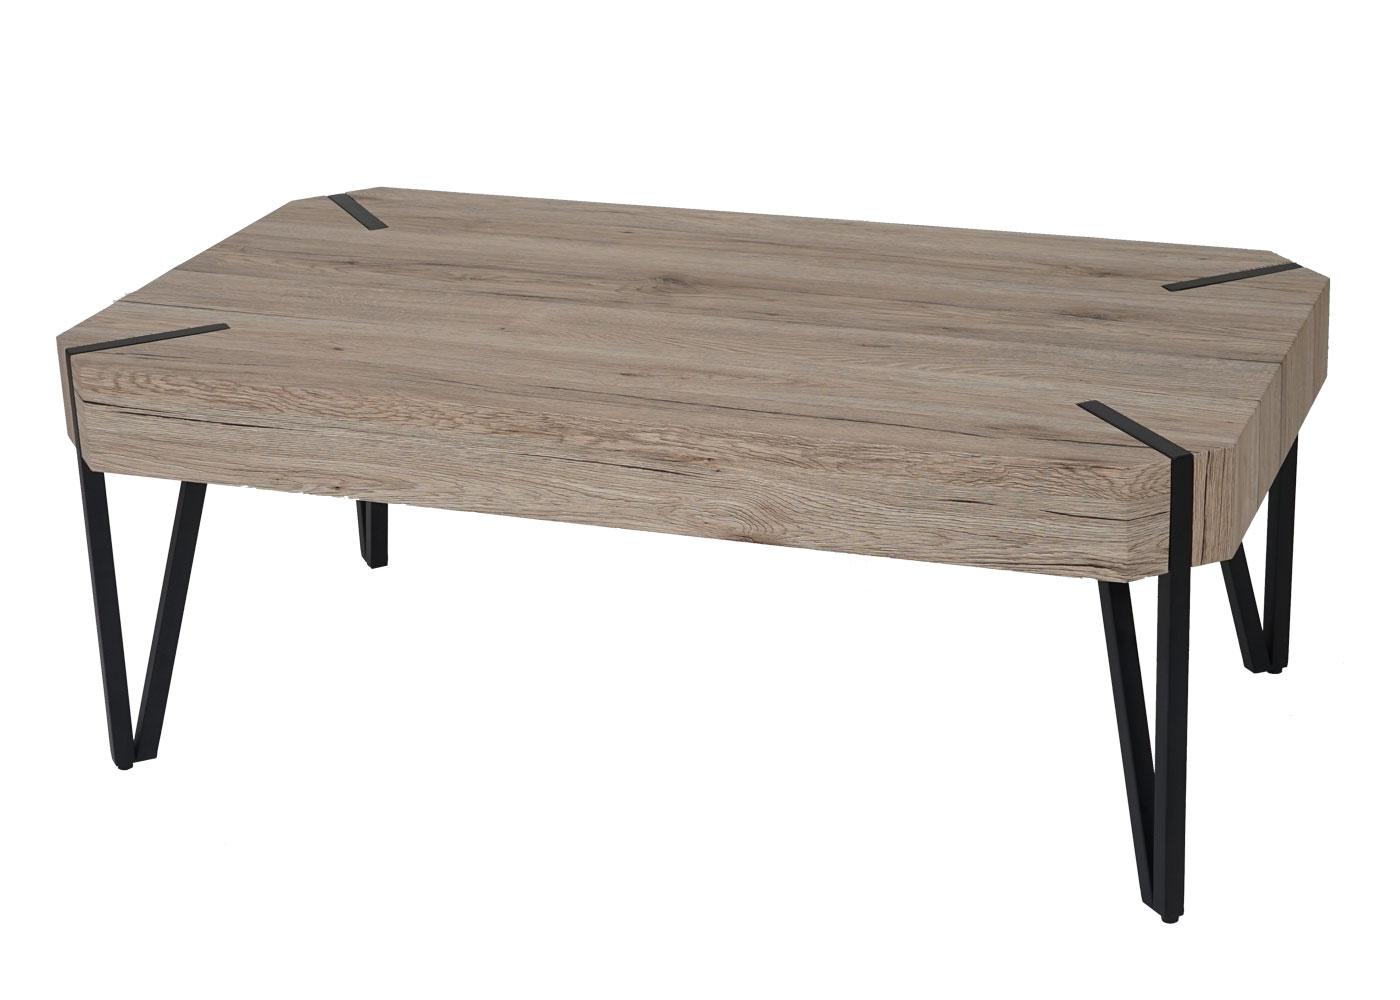 couchtisch kos t573 wohnzimmertisch fsc 43x110x60cm eiche optik metall f e ebay. Black Bedroom Furniture Sets. Home Design Ideas